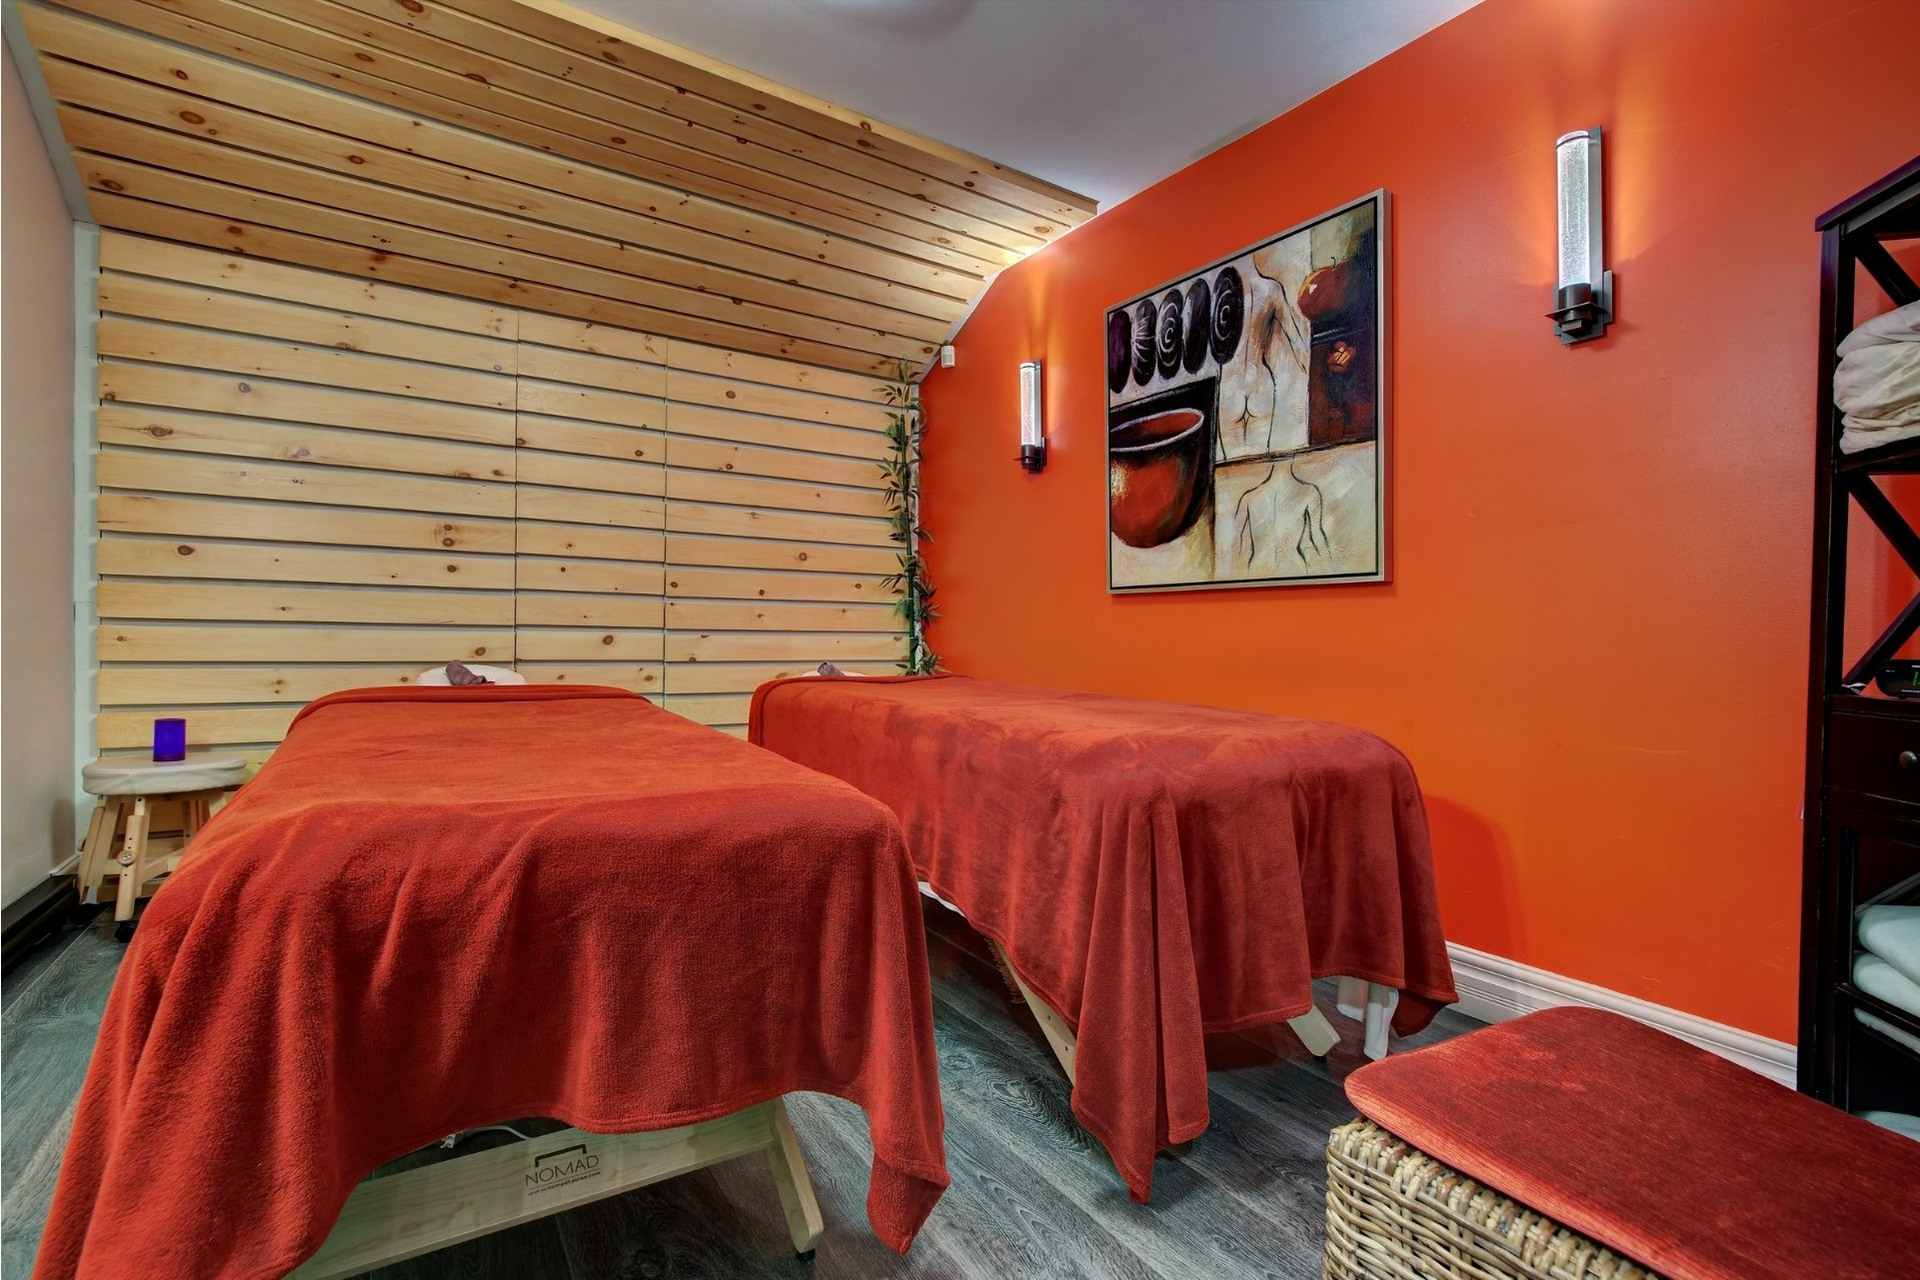 image 19 - Quadruplex For sale Rivière-des-Prairies/Pointe-aux-Trembles Montréal  - 4 rooms